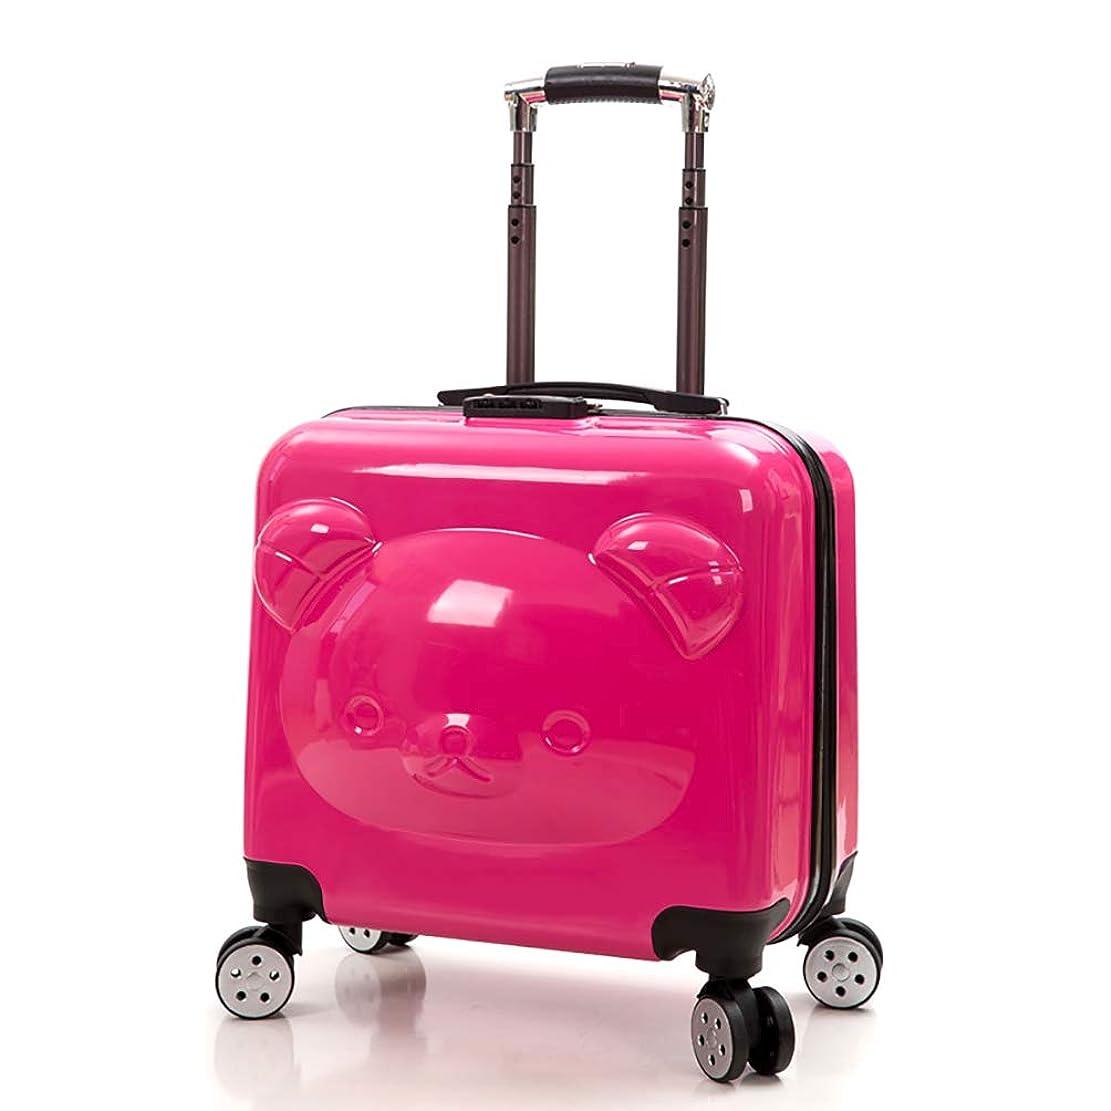 後継バケット留まるSHINING スーツケース 機内持込 軽量 人気色 鏡面 キャリーバッグ 可愛いくま 360°回転消声ダブルキャスター ファスナー式 キャリーケース 5色選択可